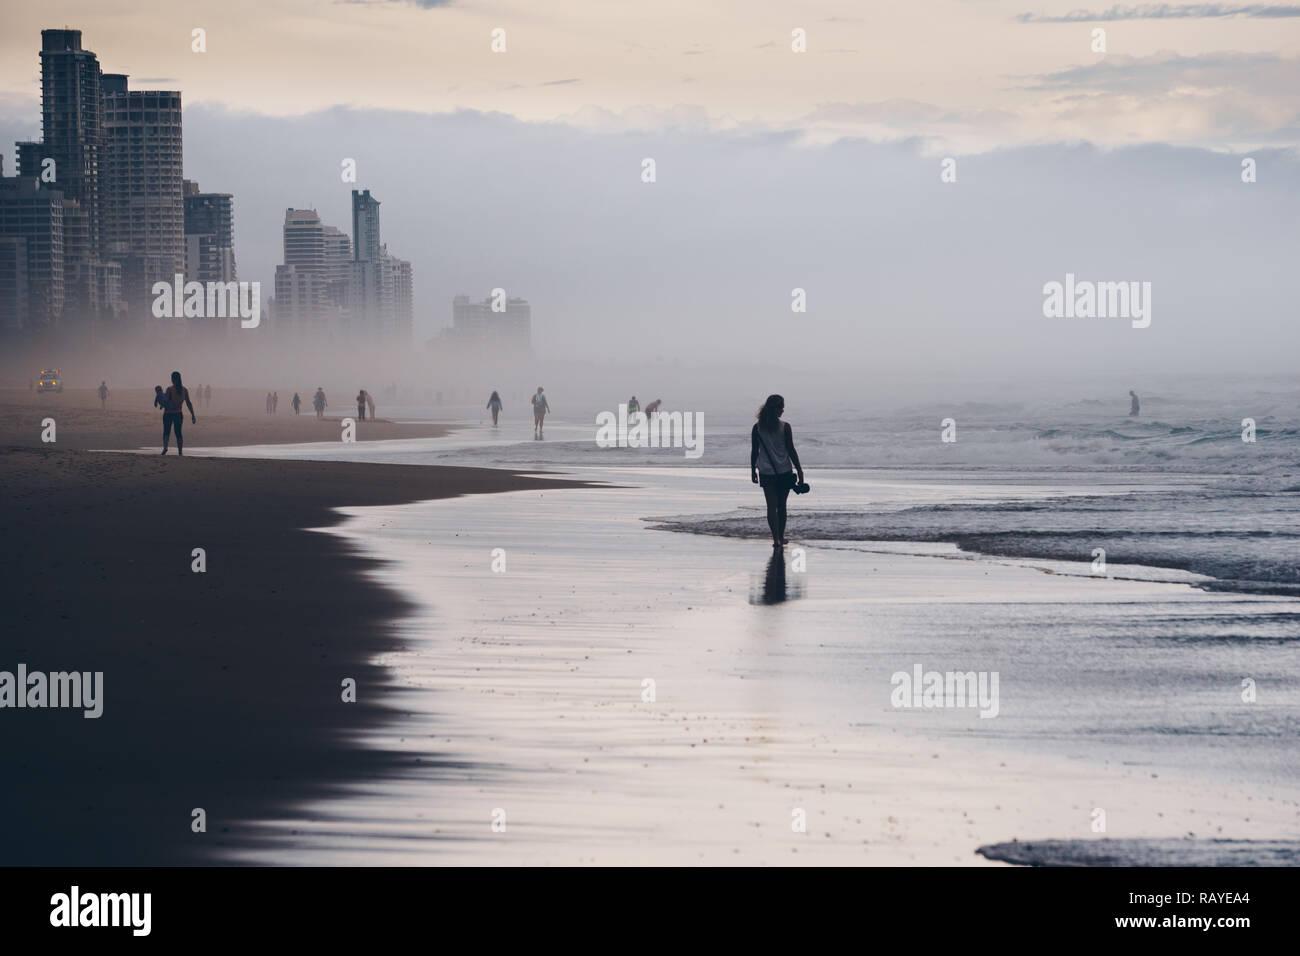 Clásica escena de verano en la playa de Surfers Paradise, con pueblos siluetas caminar y jugar. Hermosa noche de verano australiano. Foto de stock